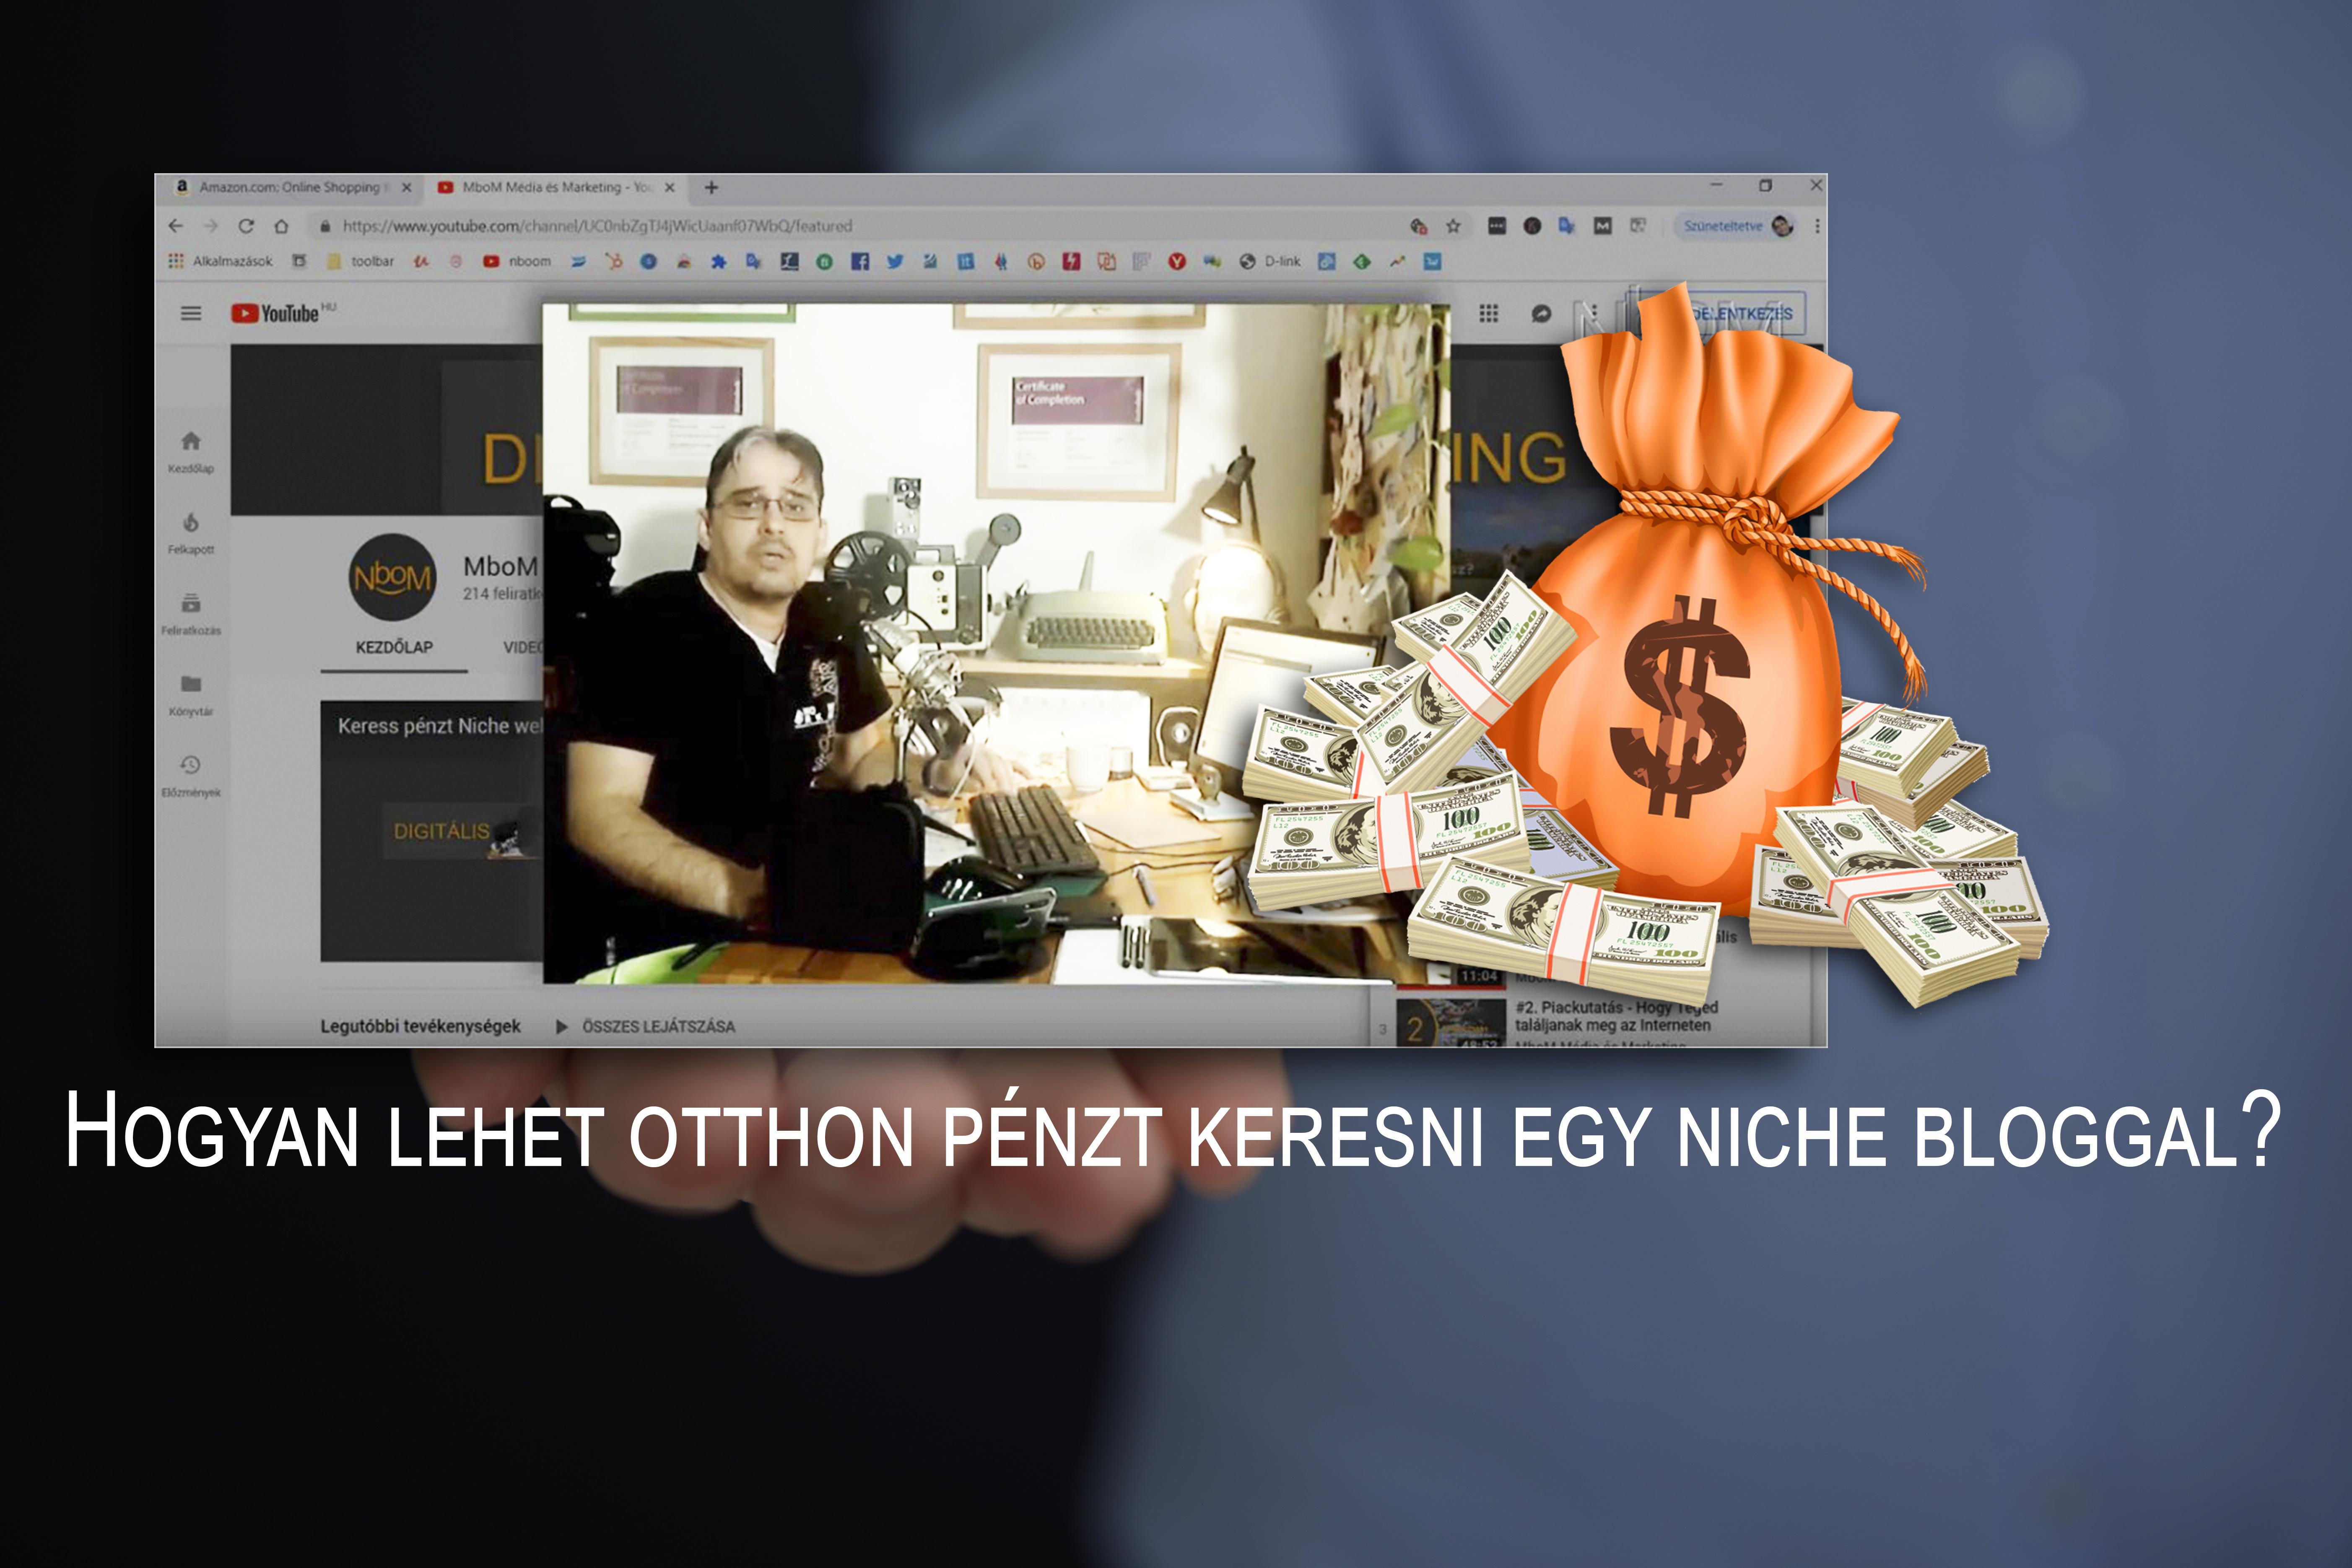 ki tudja, hogyan lehet pénzt keresni)